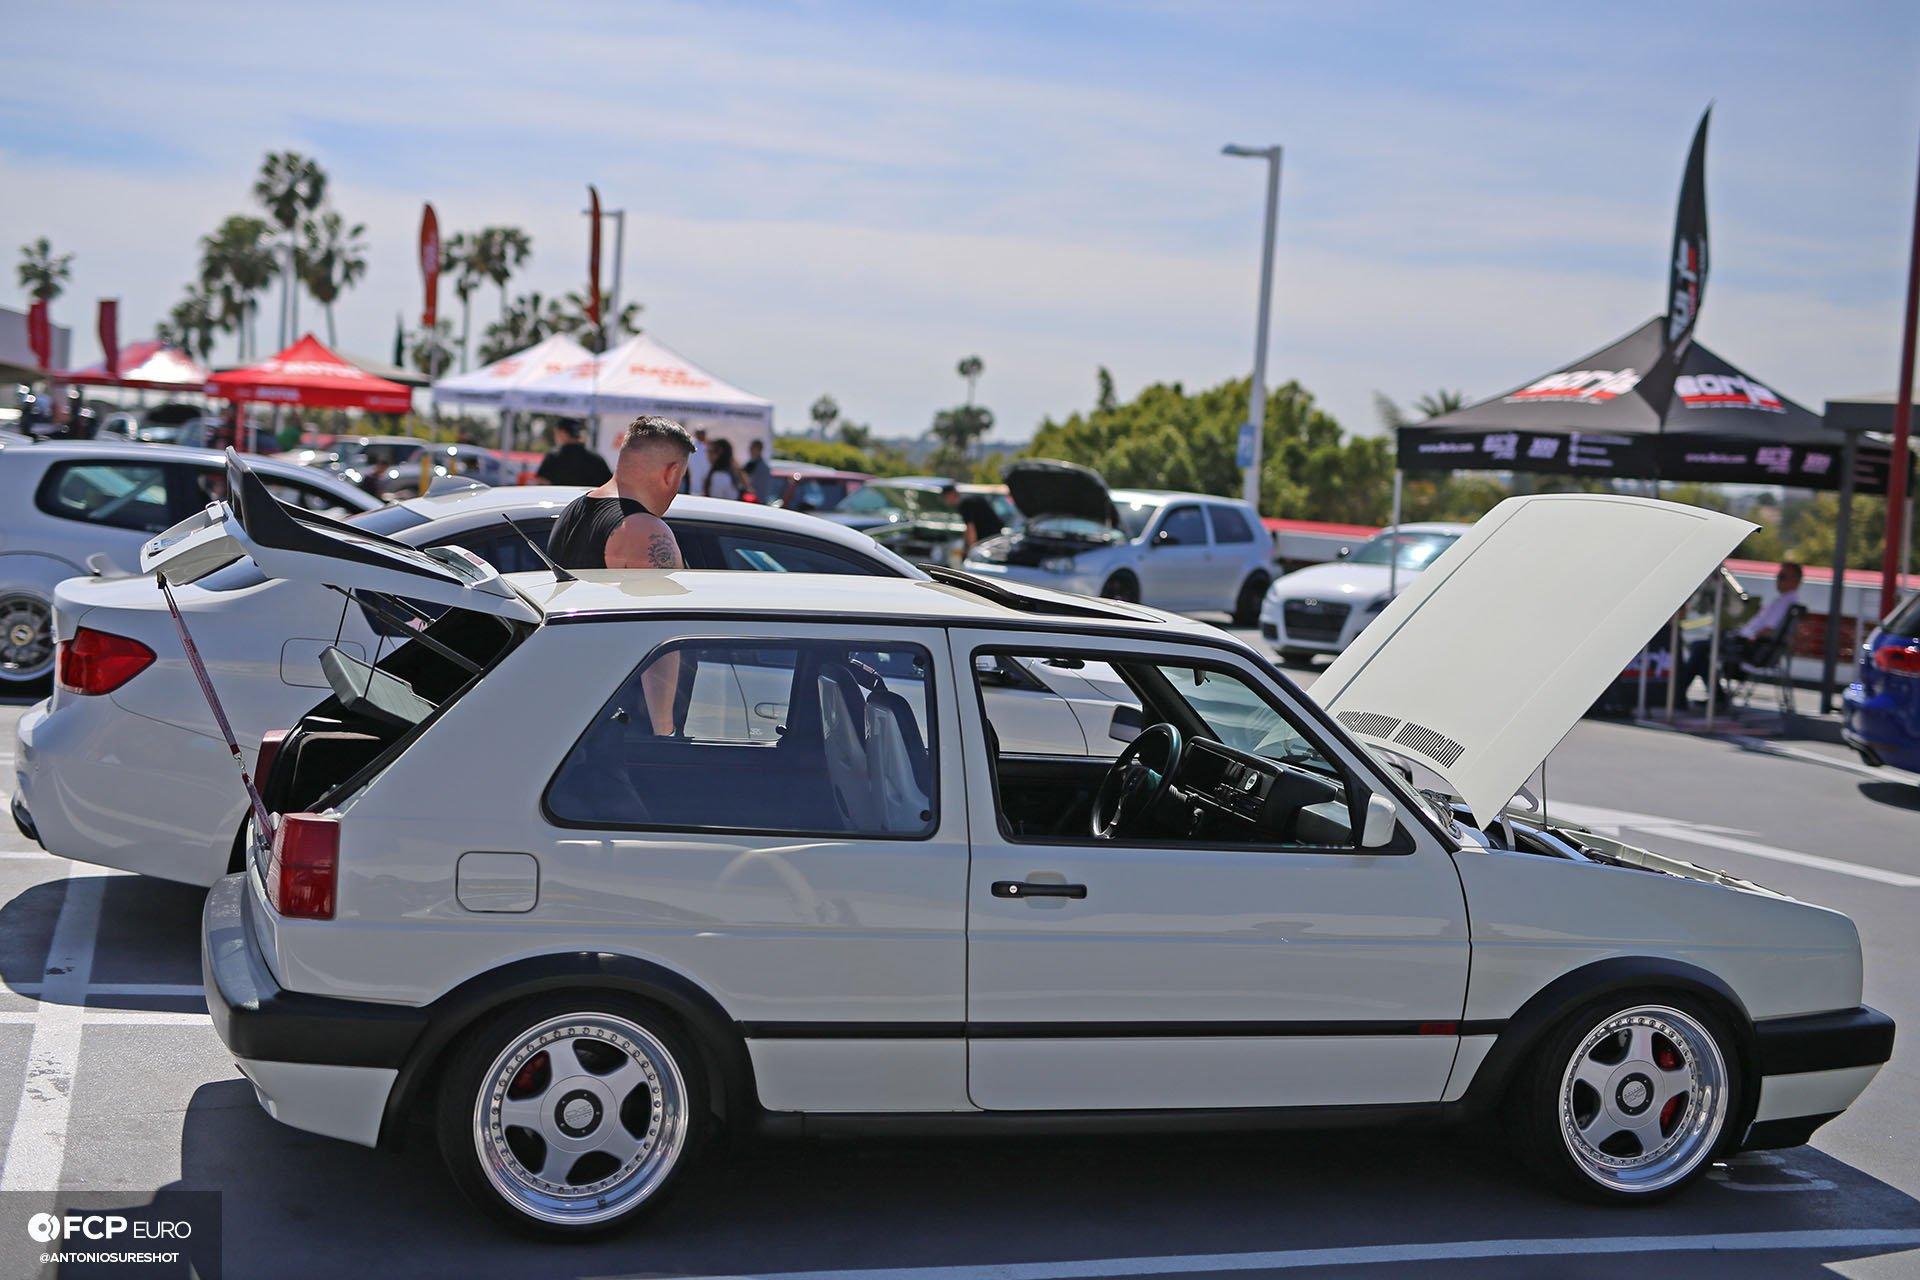 VW GTI w OZ Racing 3 piece wheels